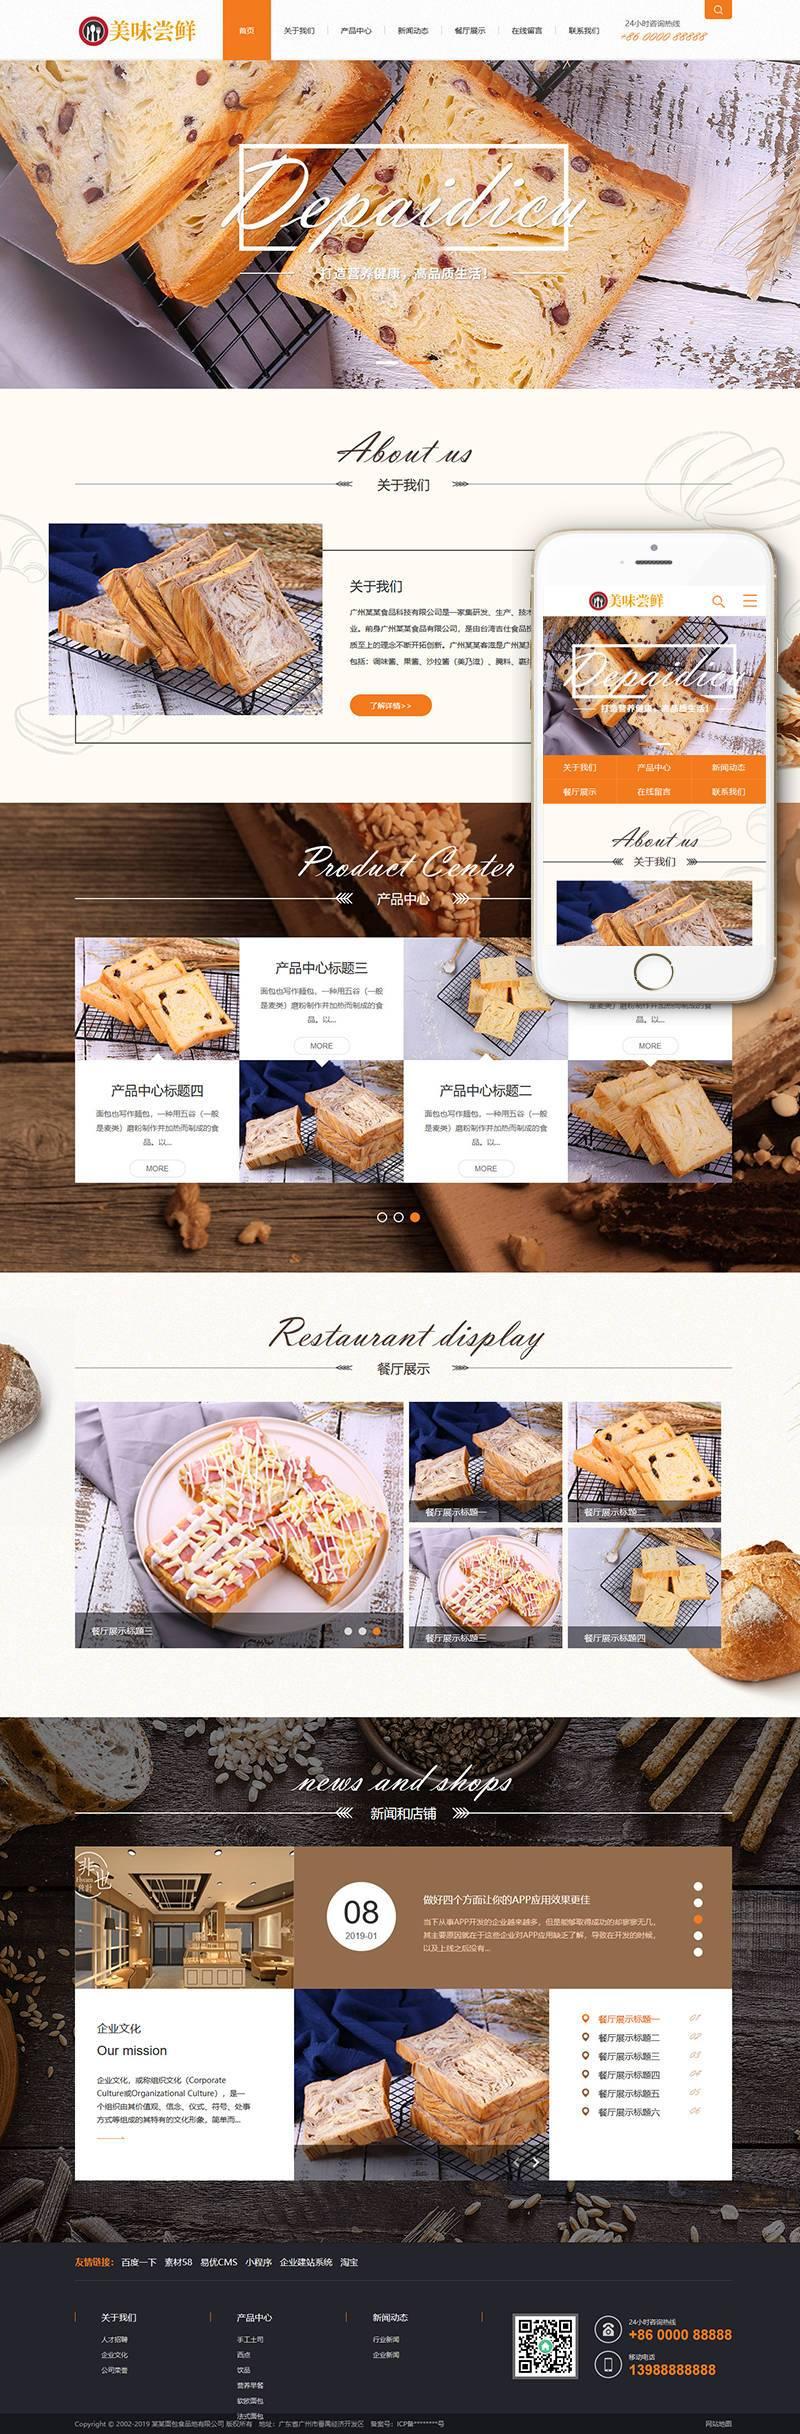 织梦dedecms蛋糕面包食品类网站织梦模板,PC+移动端+利于SEO优化